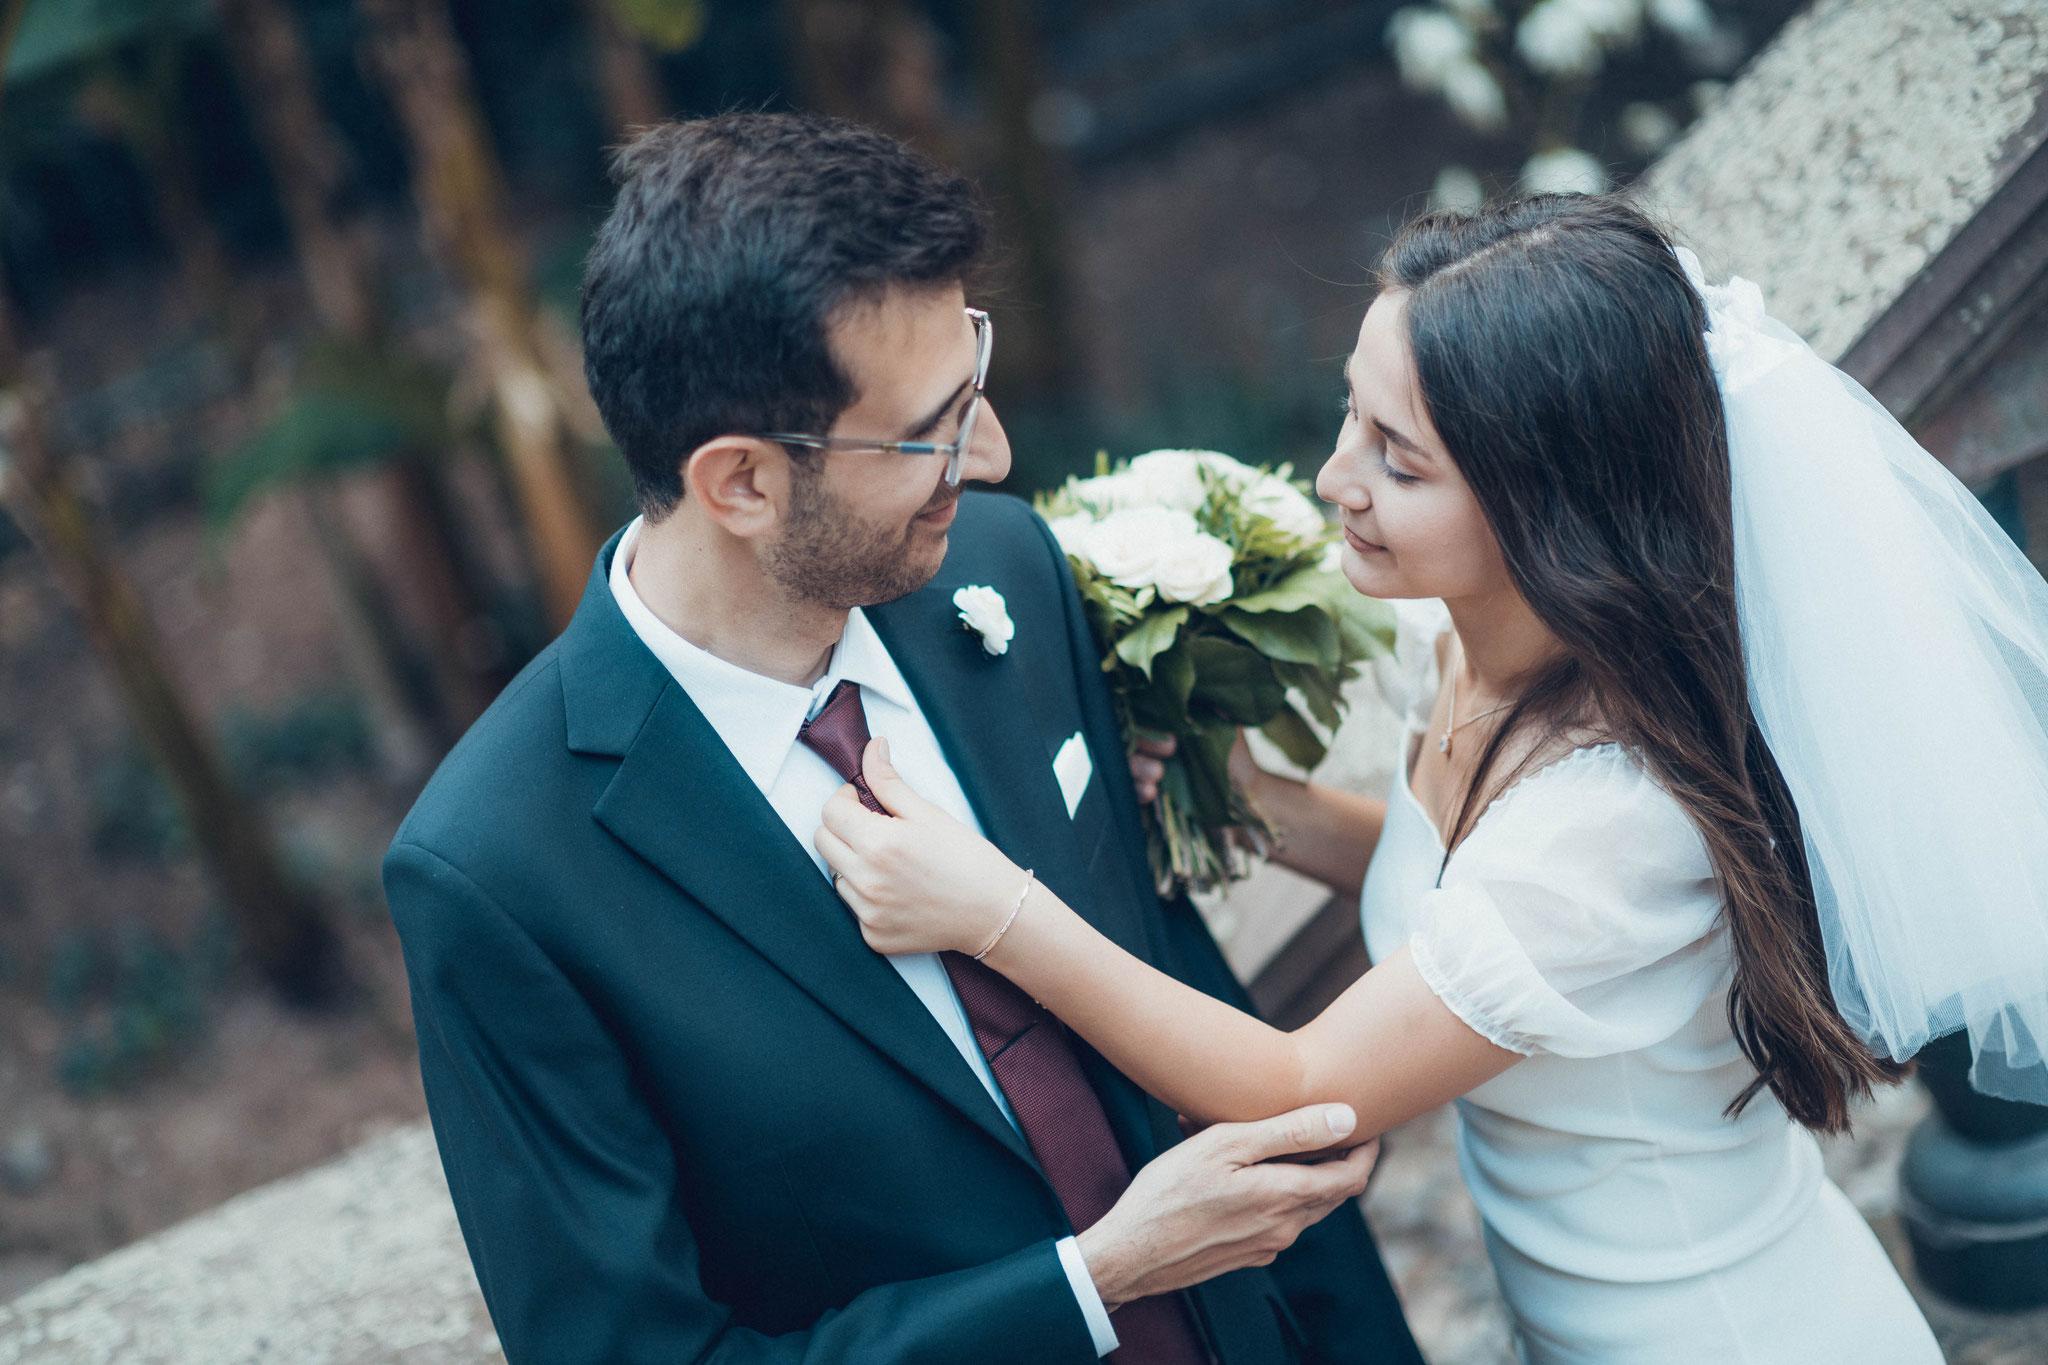 Hochzeitsfotograf für standesamtliche Begleitung in Frankfurt und Umgebung